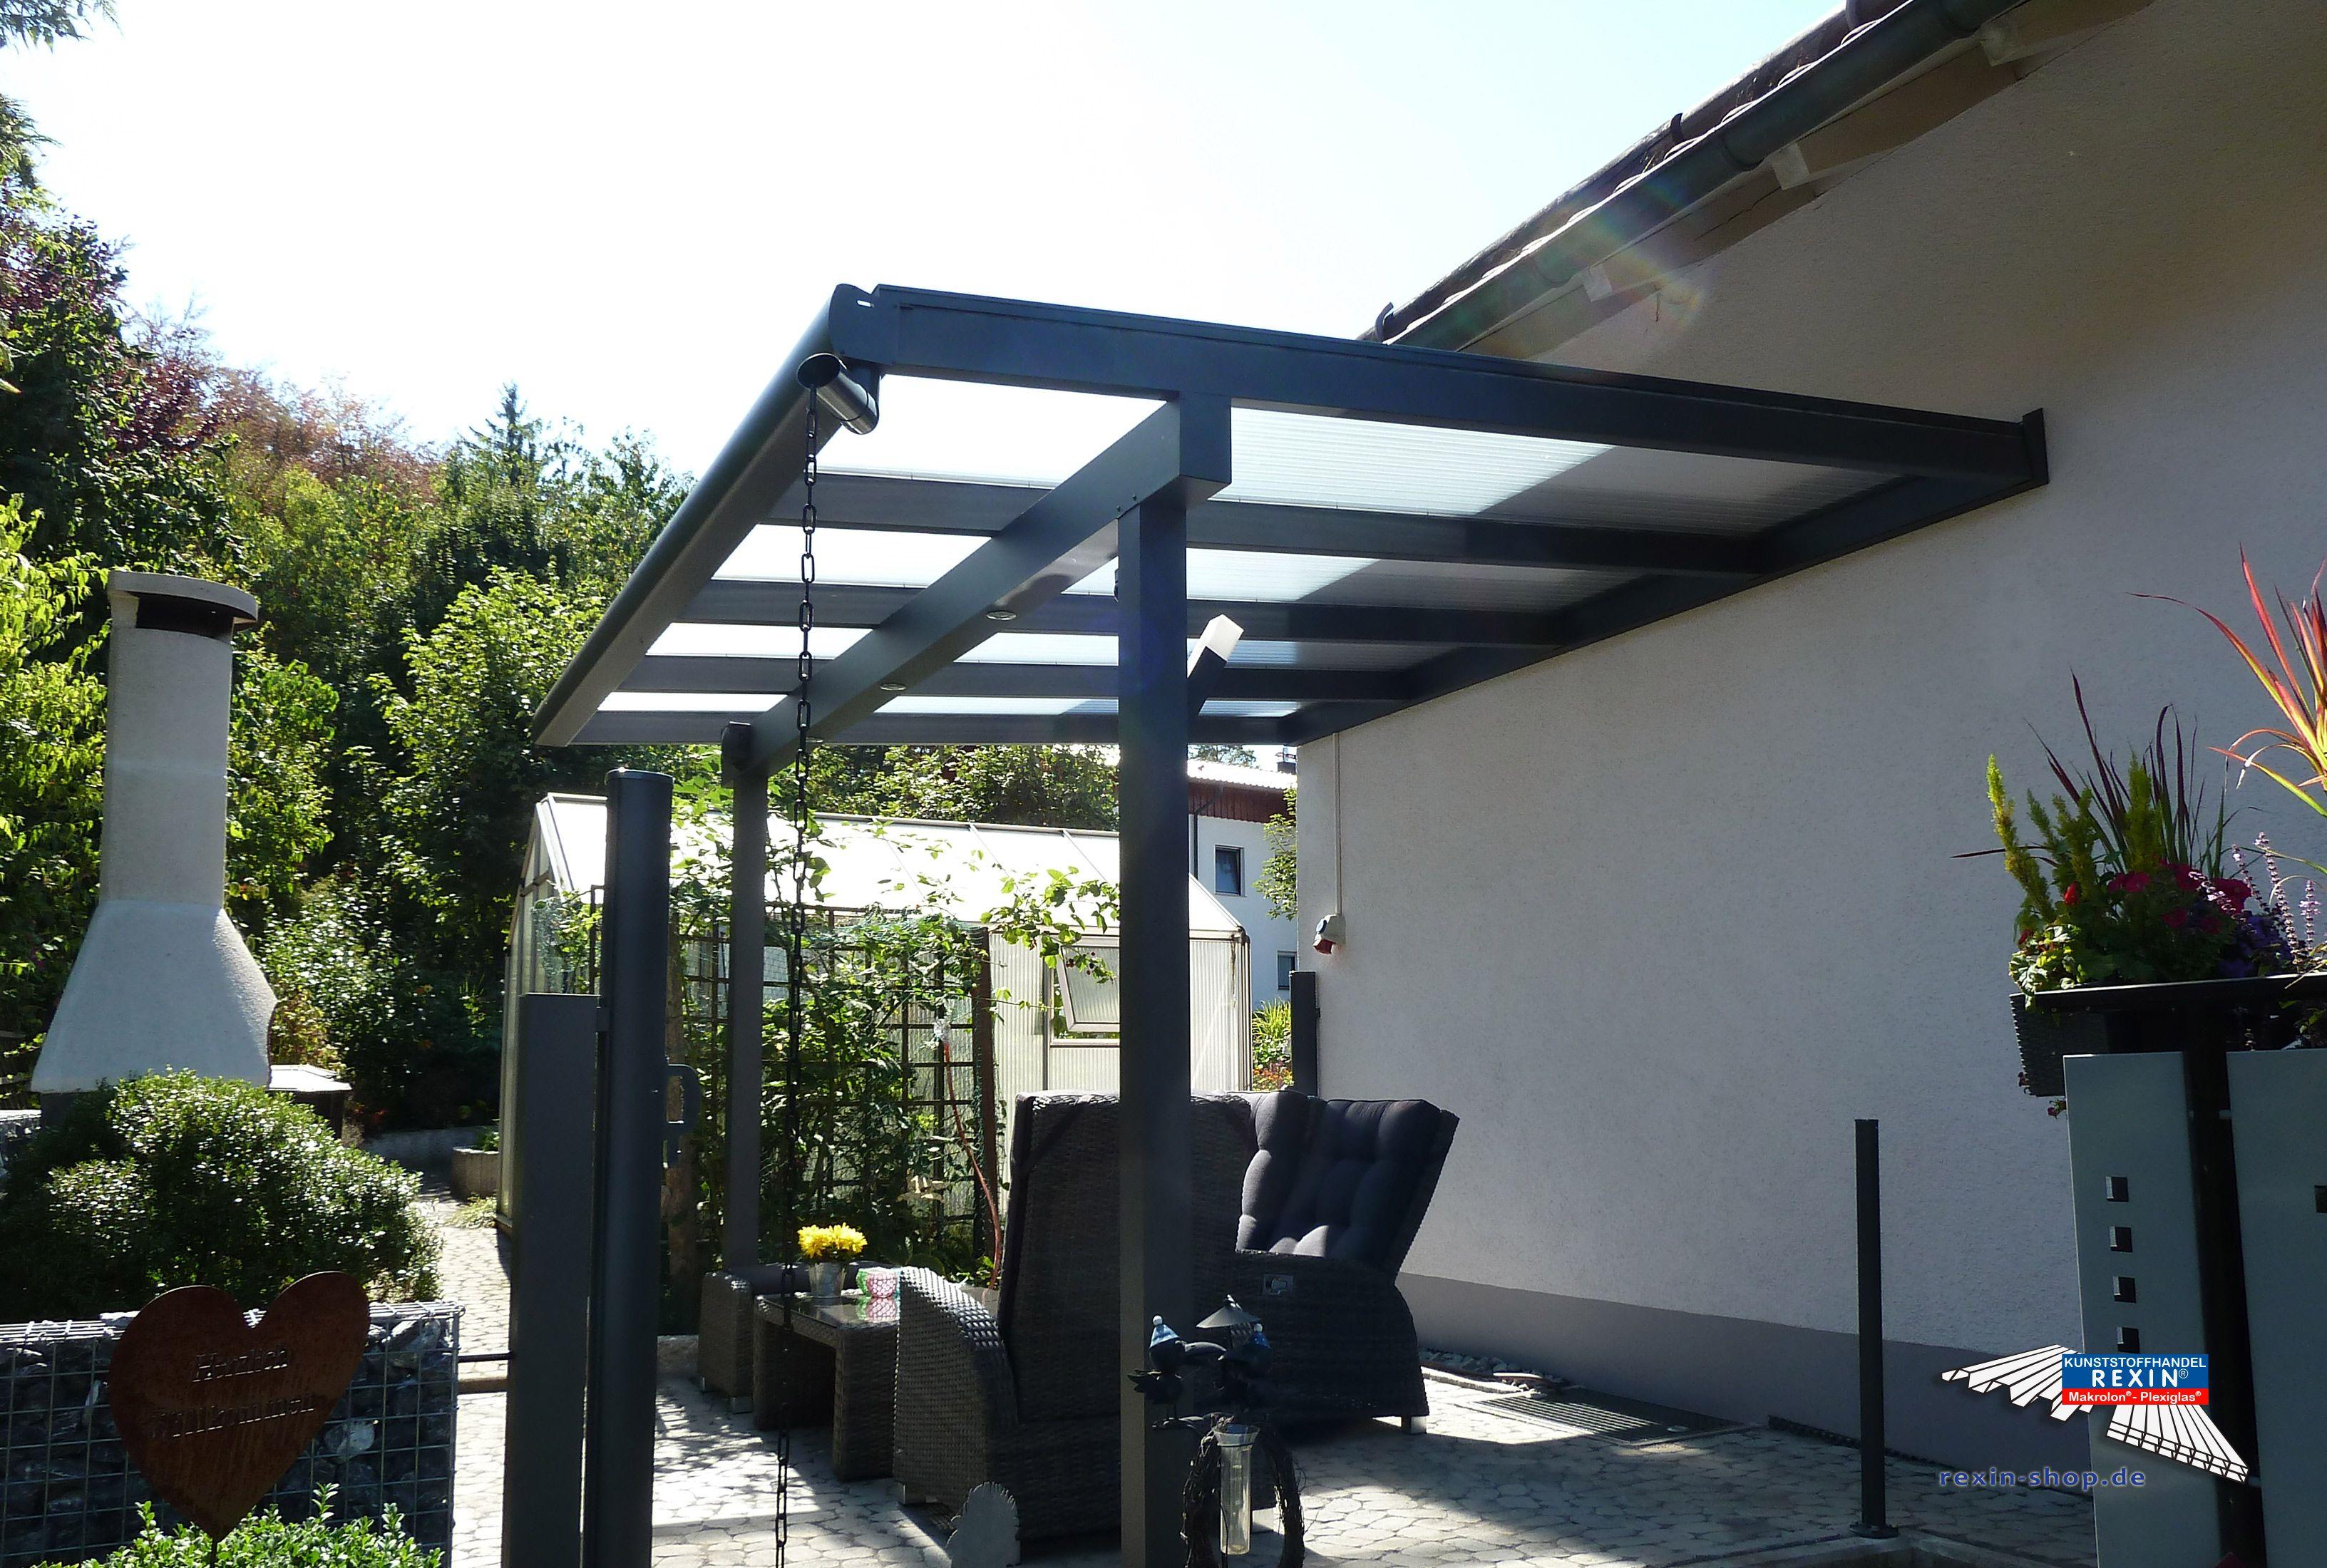 c833339fad93f14321a5bcf16c0d1cce Inspiration Sichtschutz Balkon Einseitig Durchsichtig Schema